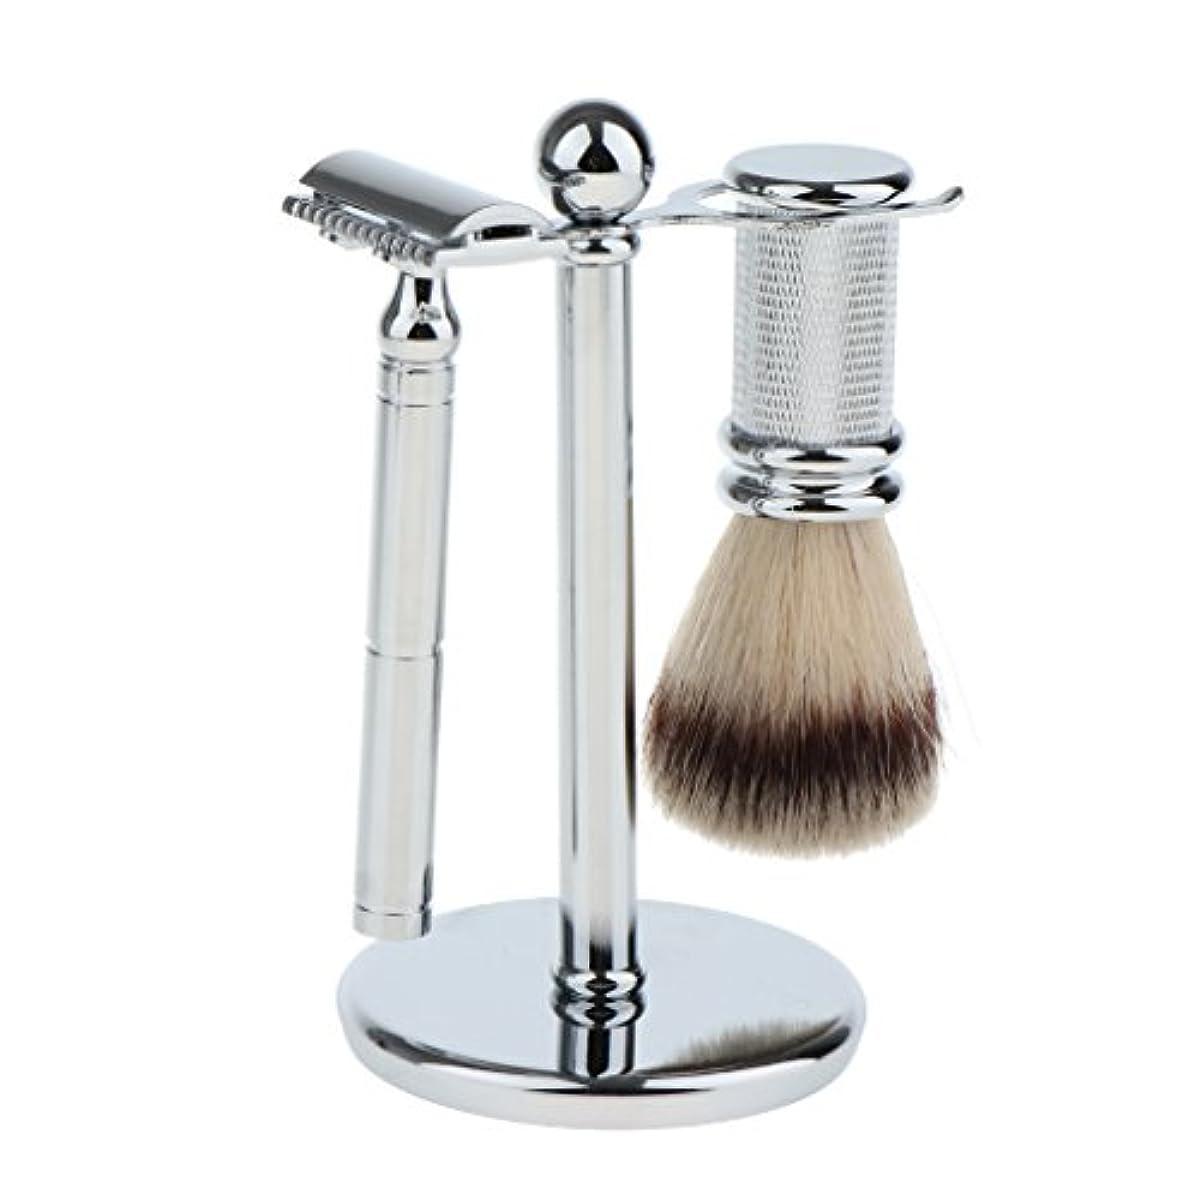 受ける仮定、想定。推測割り当てますFenteer スタンド ブラシ マニュアルシェーバー 3本セット 男性用 シェービング ブラシスタンド ダブルエッジ 剃刀